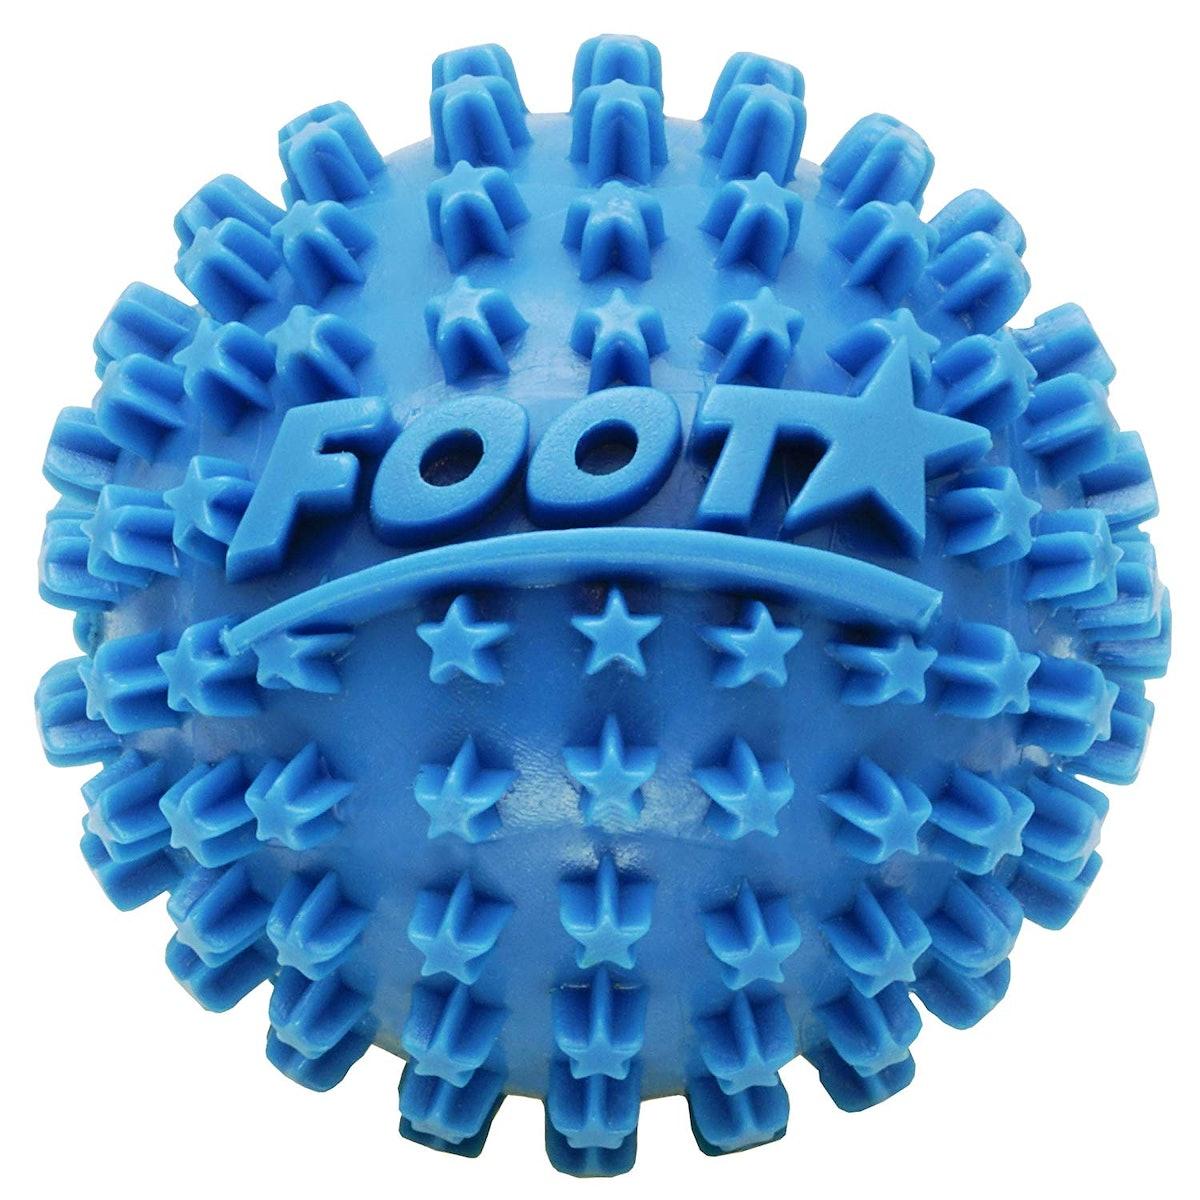 Body Back Foot Star Massage Ball & Roller Massager